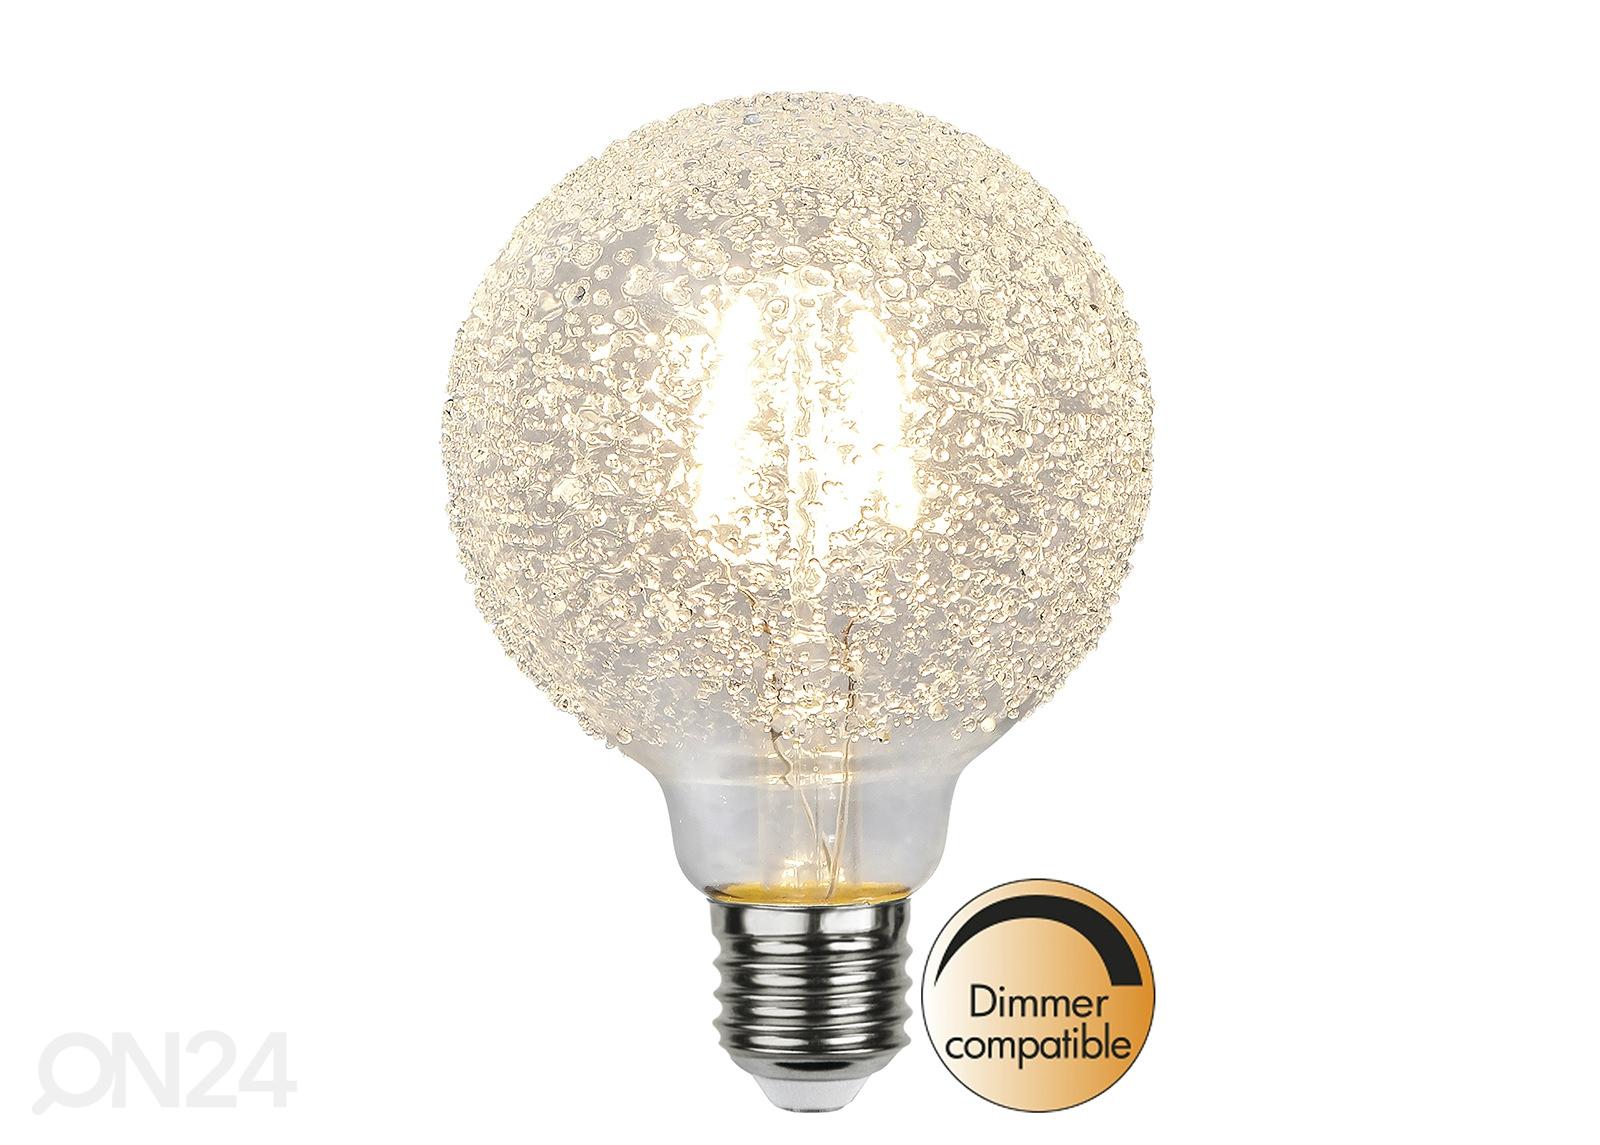 d23ec1ba6d8 Dekoratiivne LED pirn E27 1 W AA-142489 - ON24 Sisustuskaubamaja